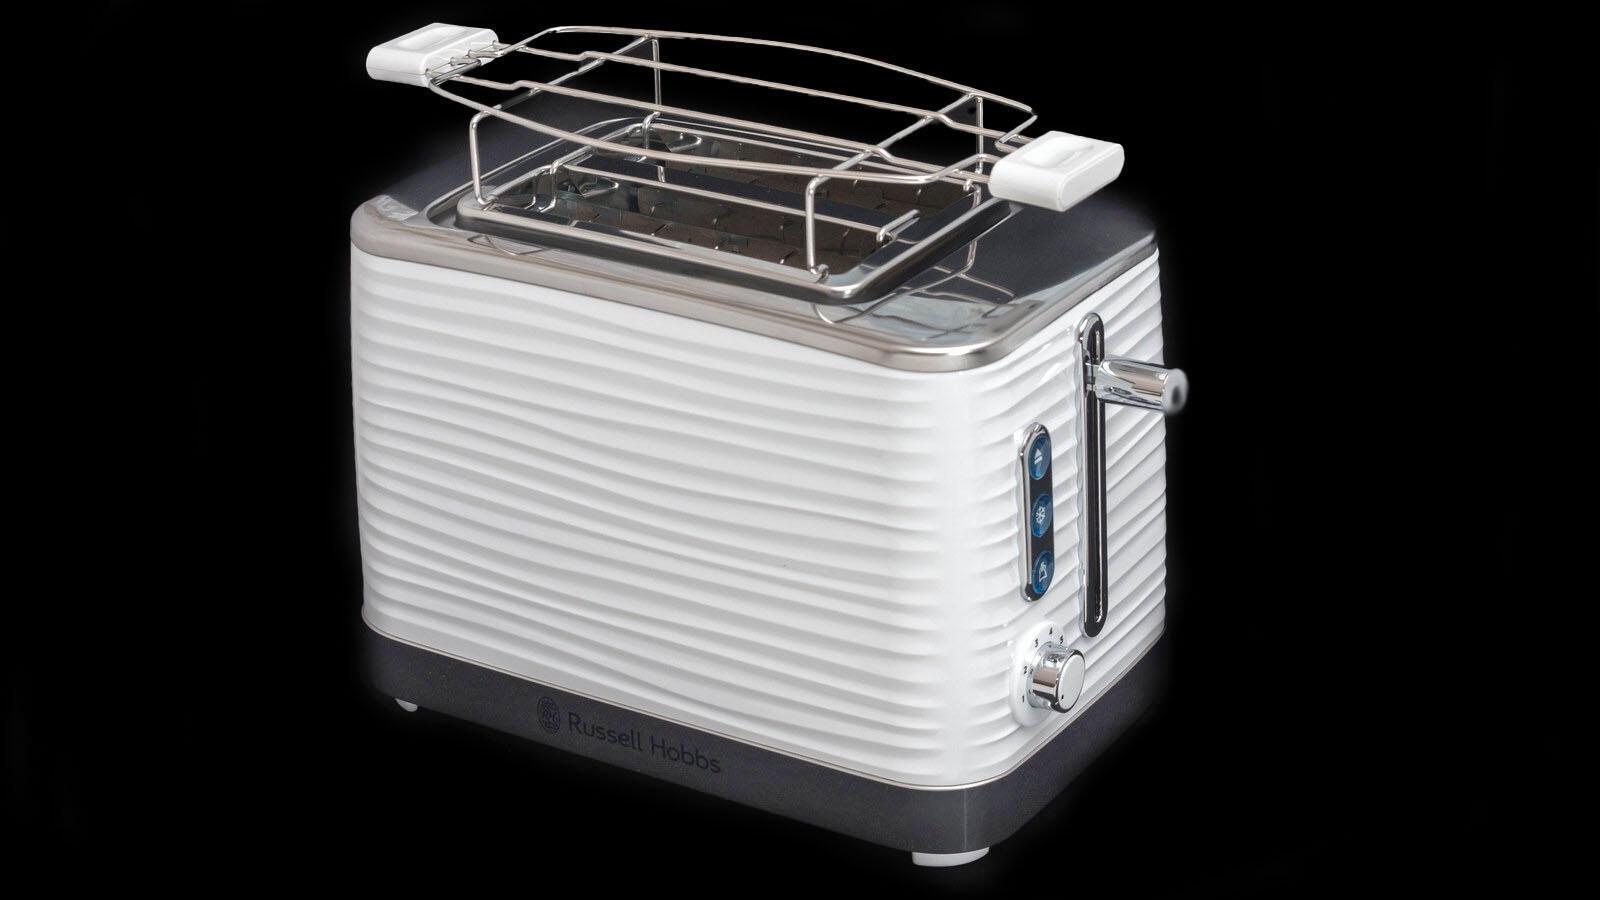 Bytovaya Tehnika - Obzor i testirovanie tostera elektricheskogo Russell Hobbs Inspire 24370-56